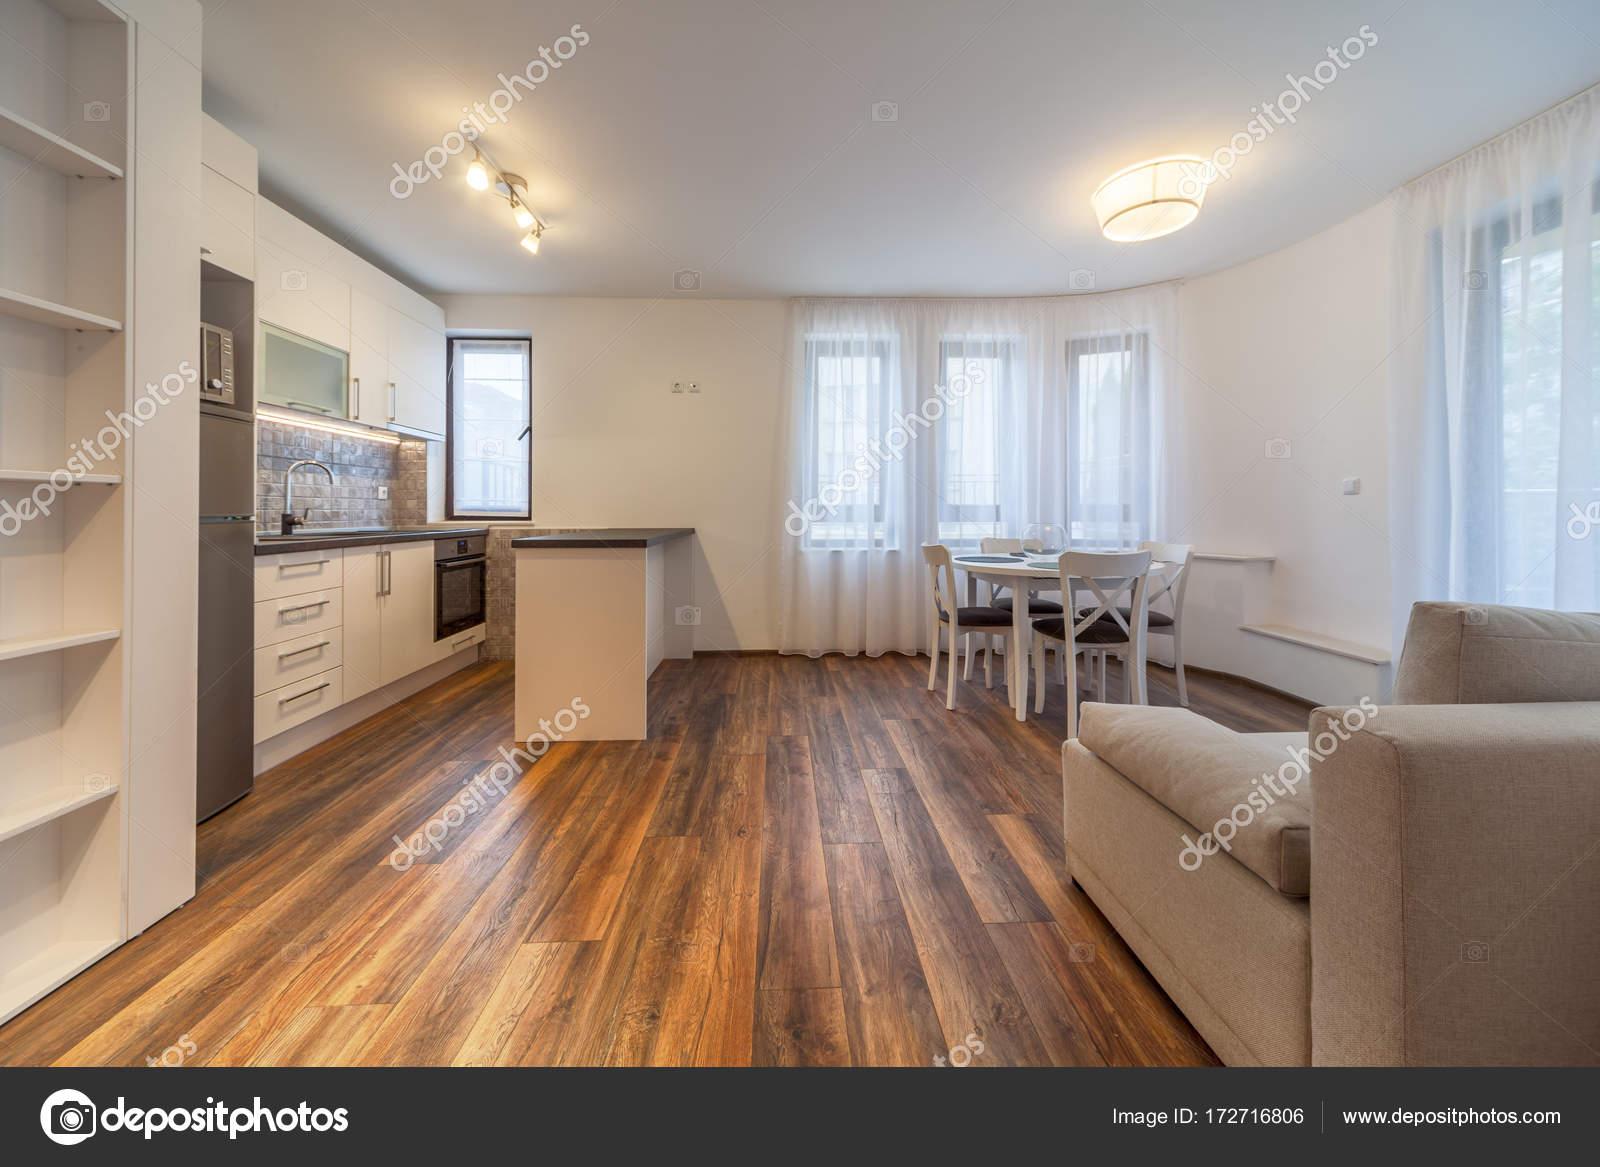 Nieuwe moderne woonkamer met keuken. Nieuw huis. Interieurfotografie ...